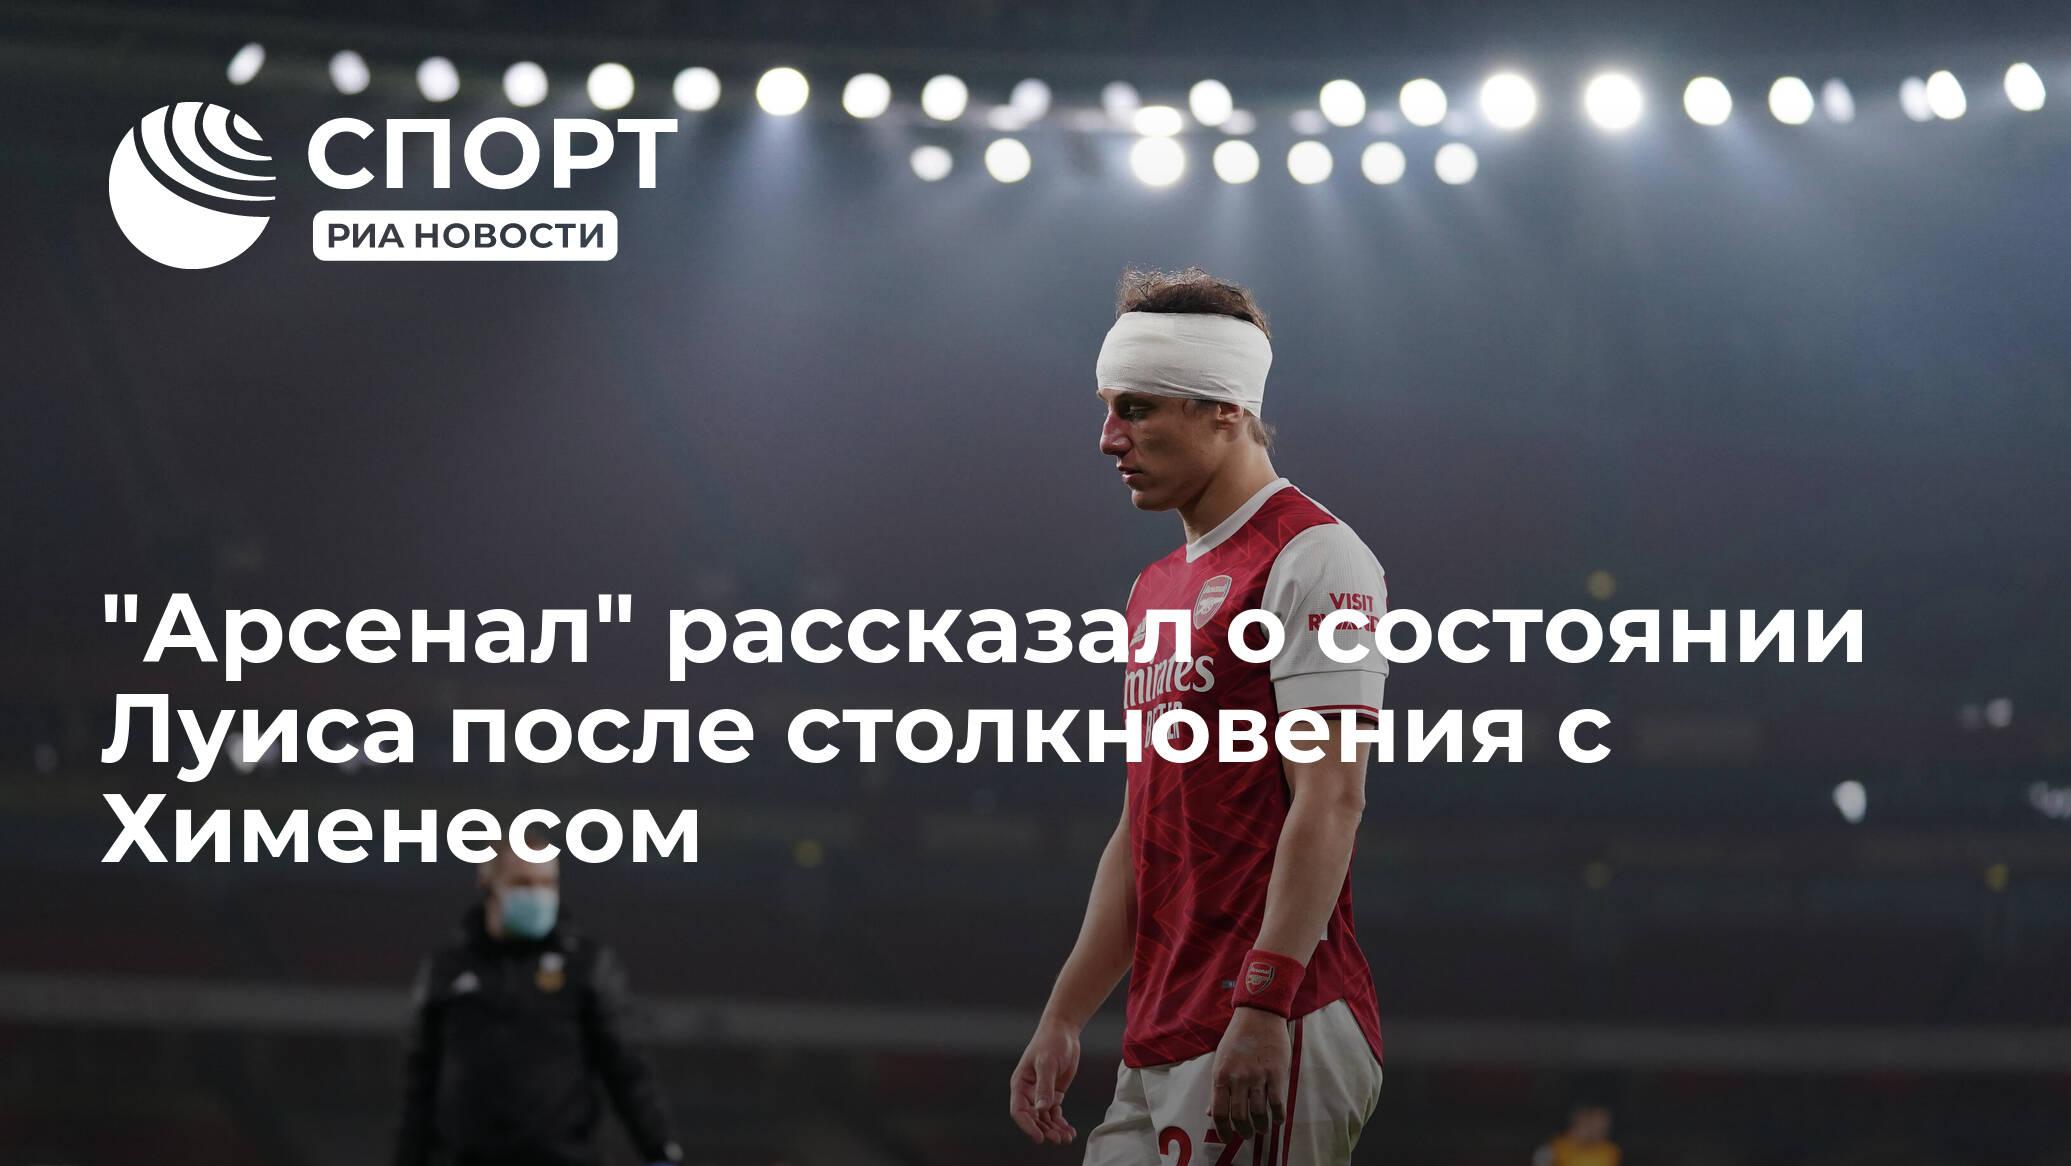 """""""Арсенал"""" рассказал о состоянии Луиса после столкновения с Хименесом"""